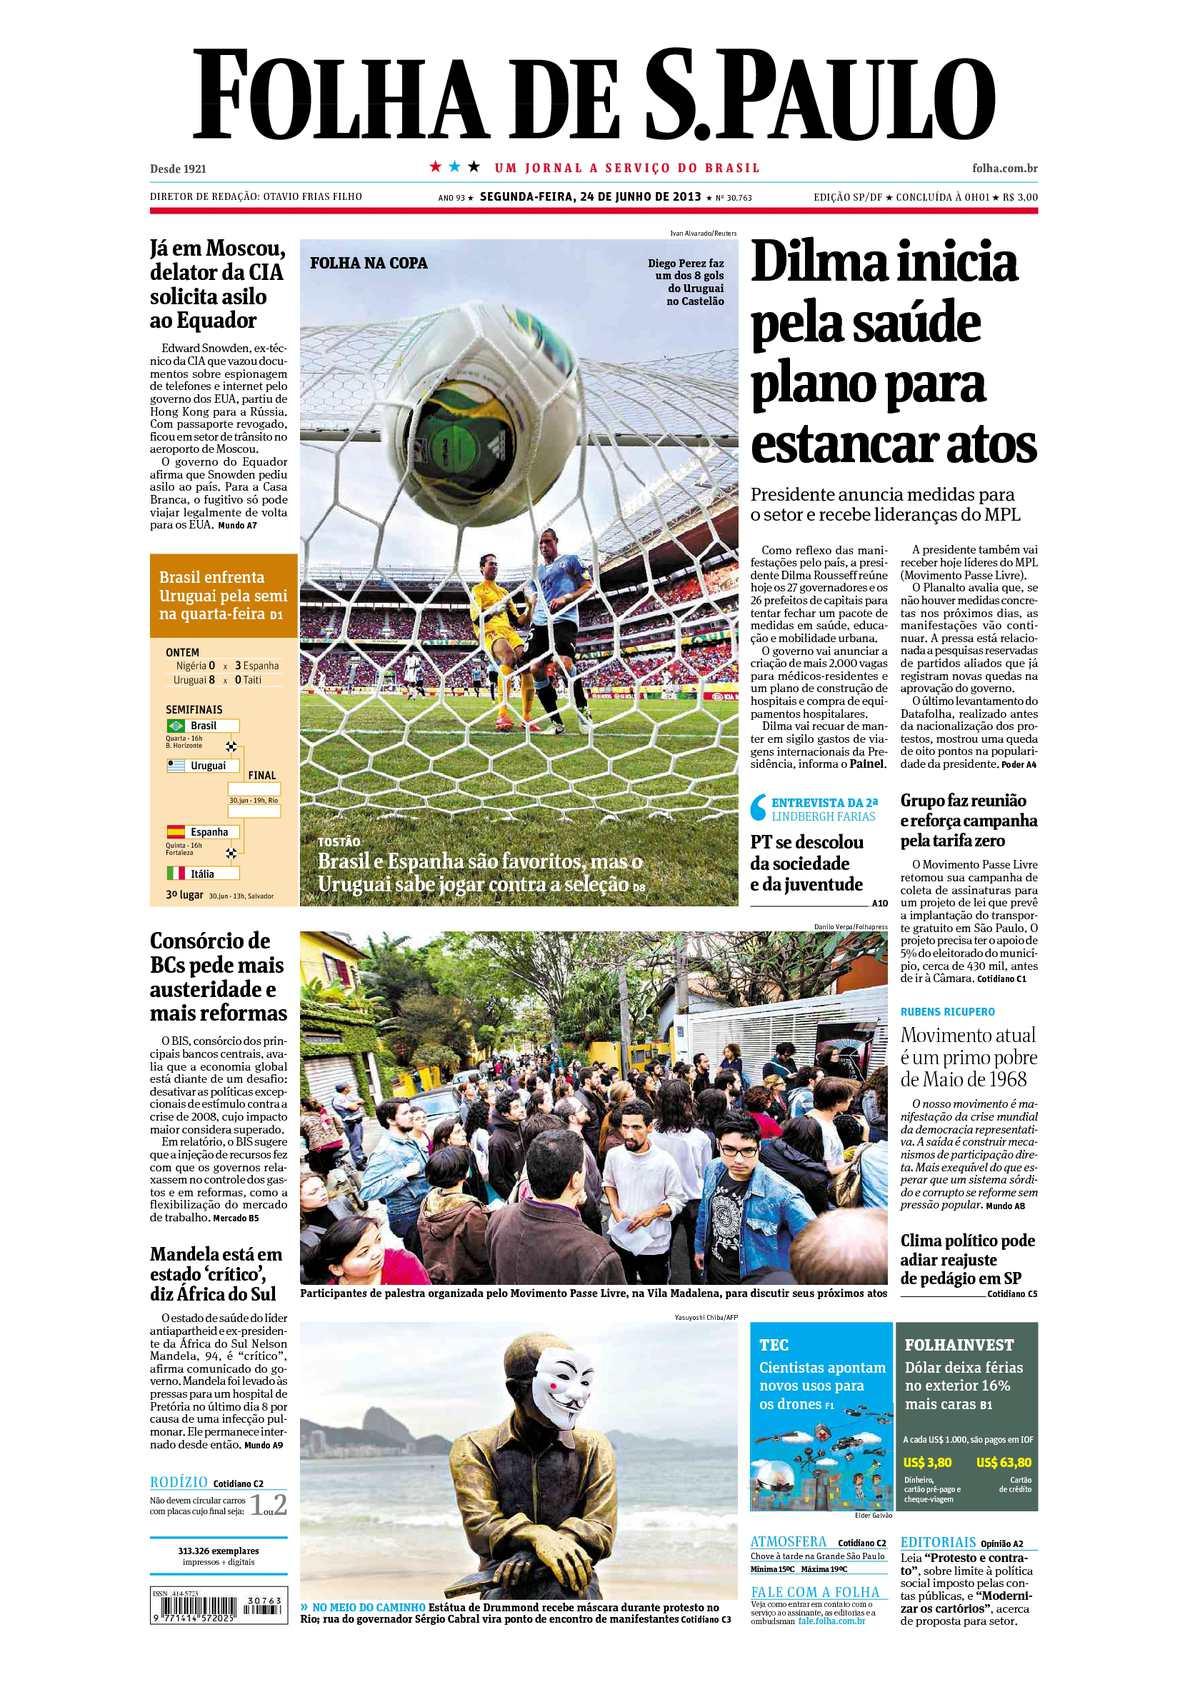 2e5f2ac0fd991 Calaméo - Folha de São Paulo 24-06-2013